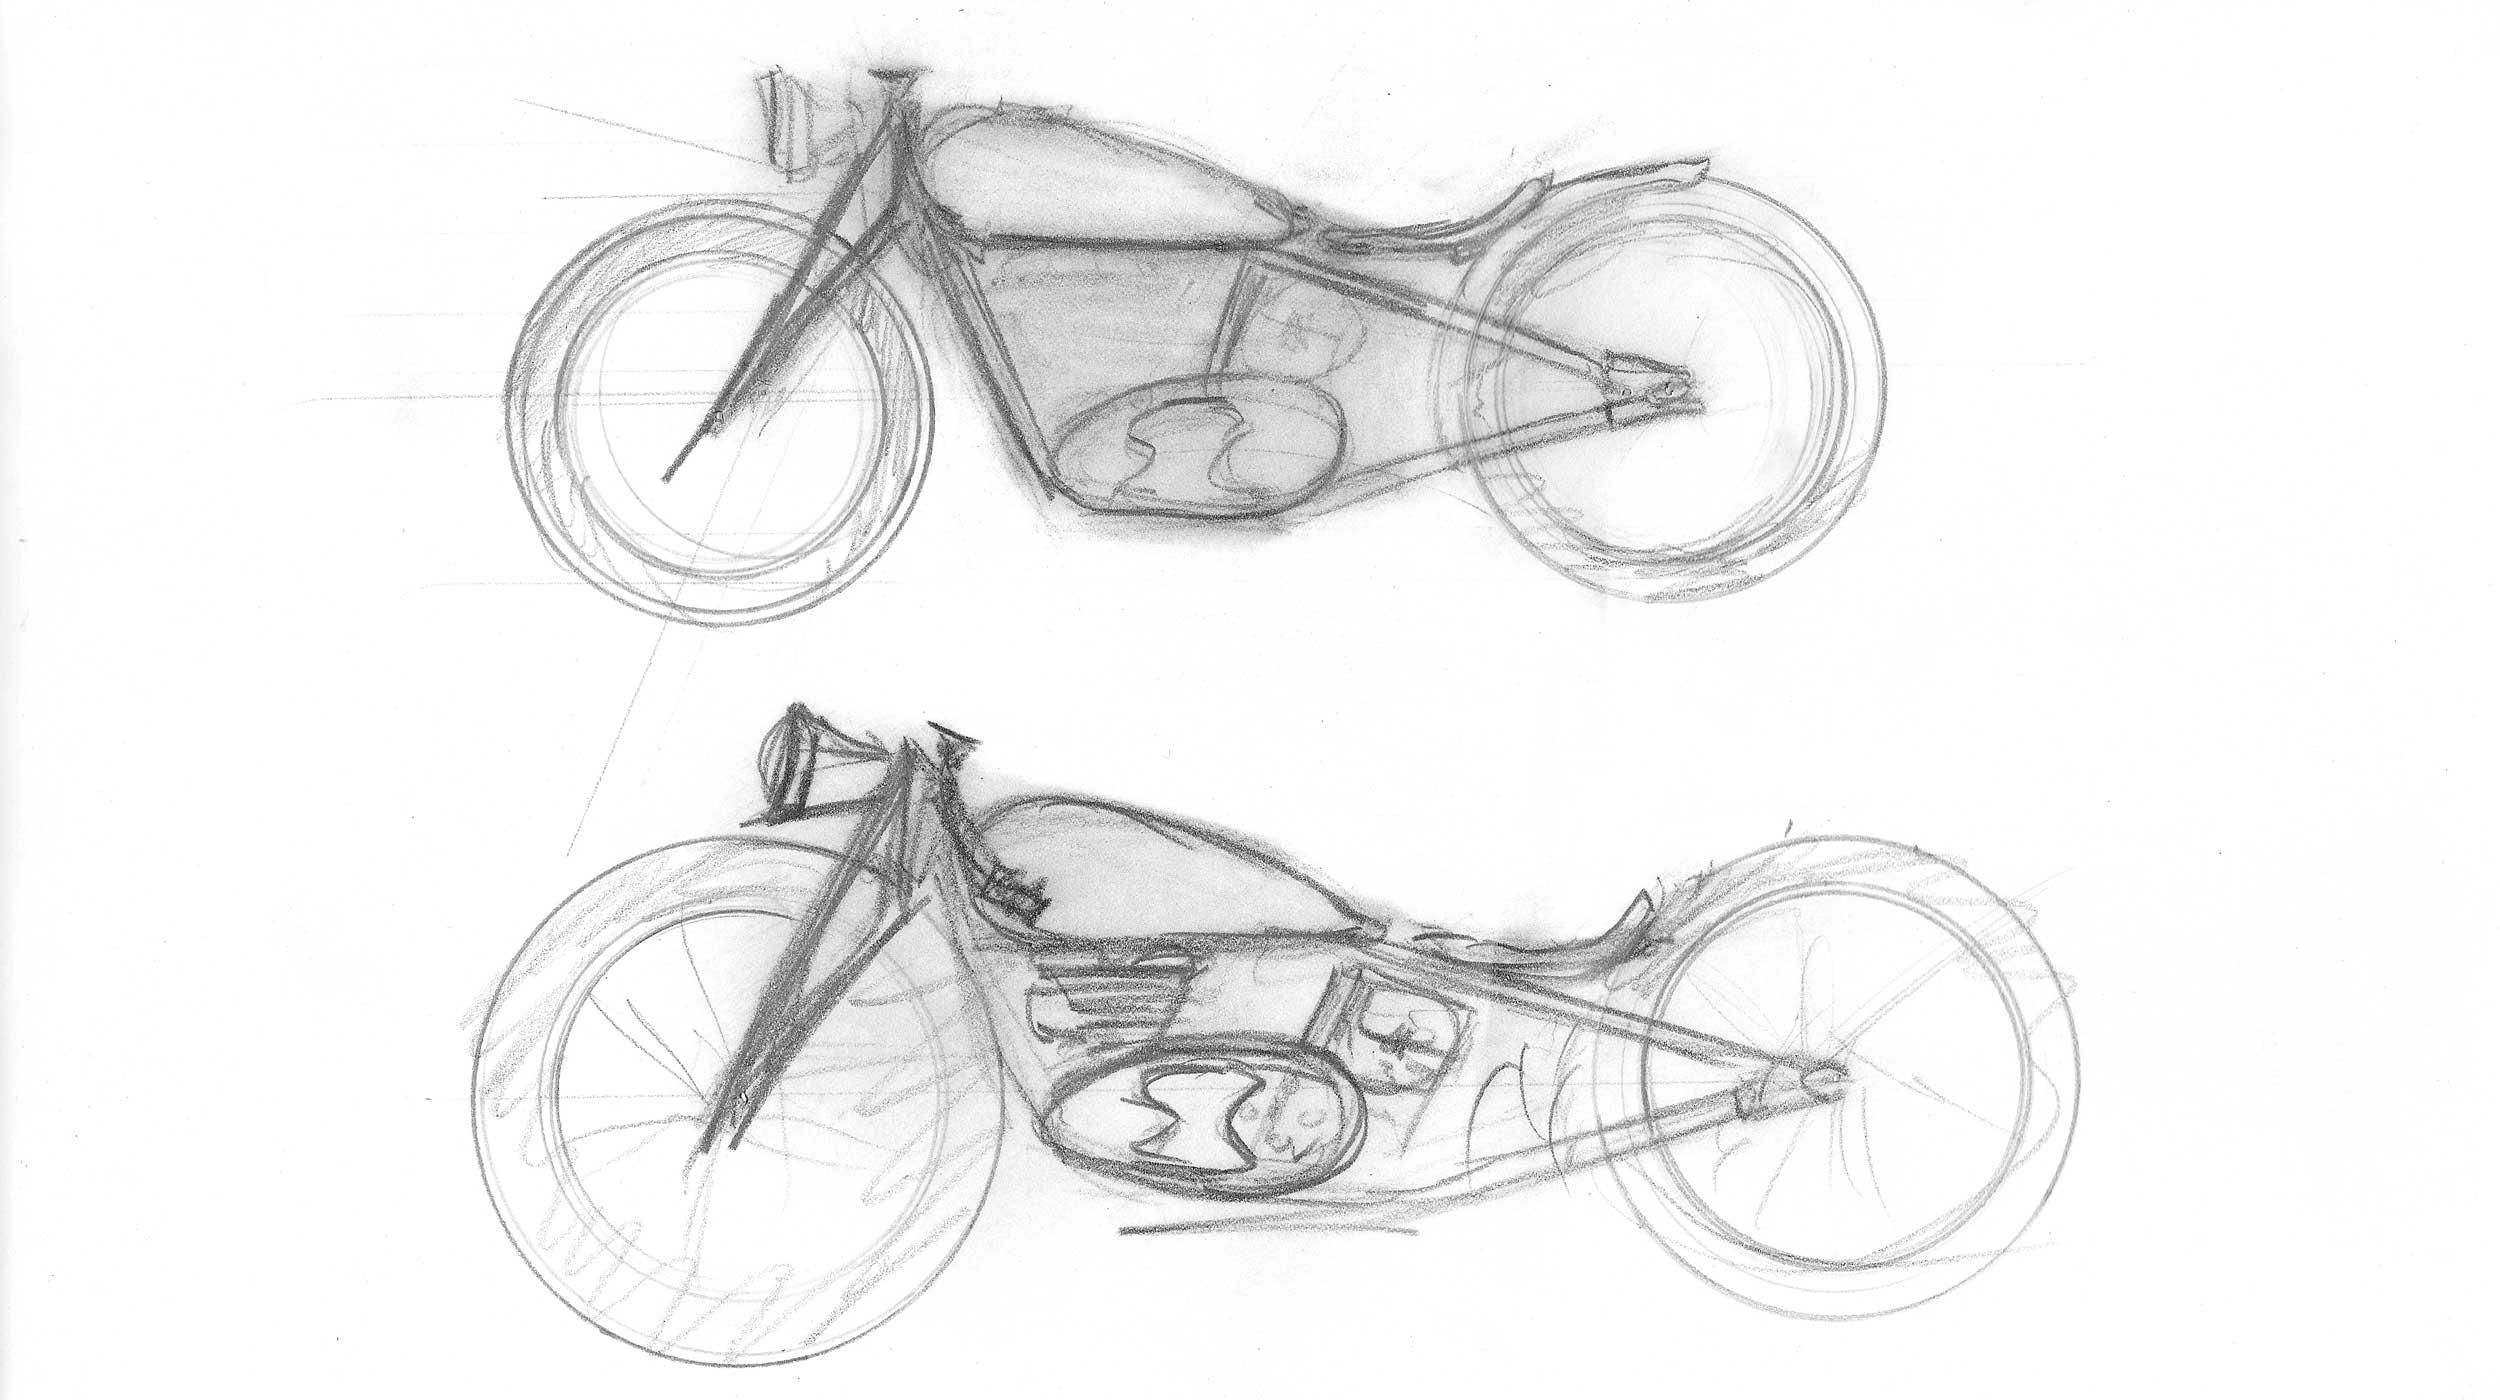 Bullet_sketches_6.jpg